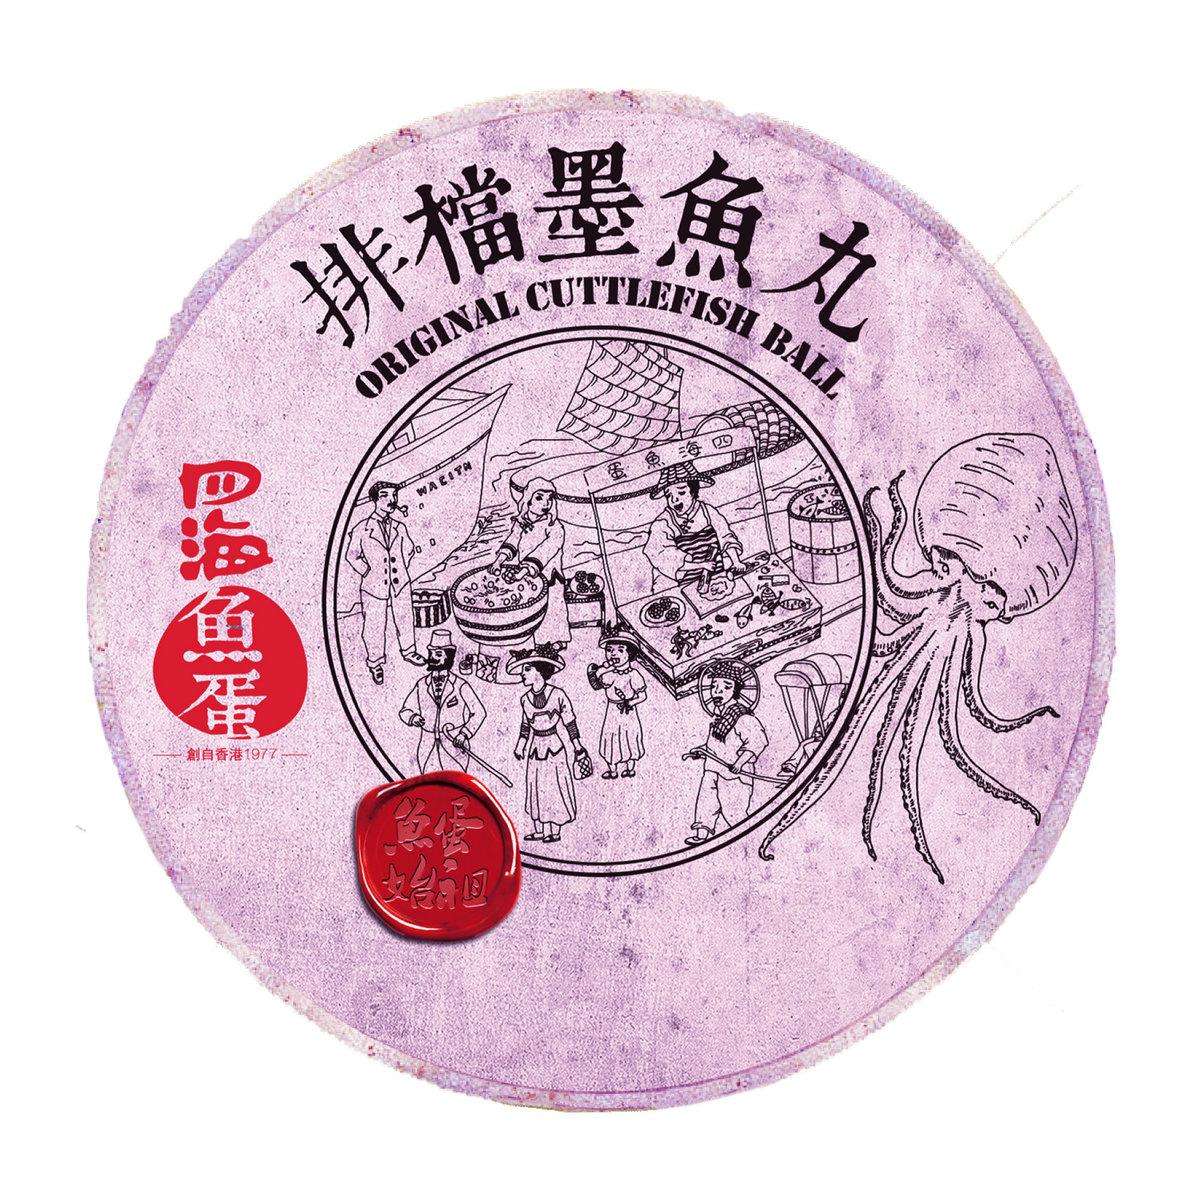 Original Cuttlefish Ball 125g (CHILL)